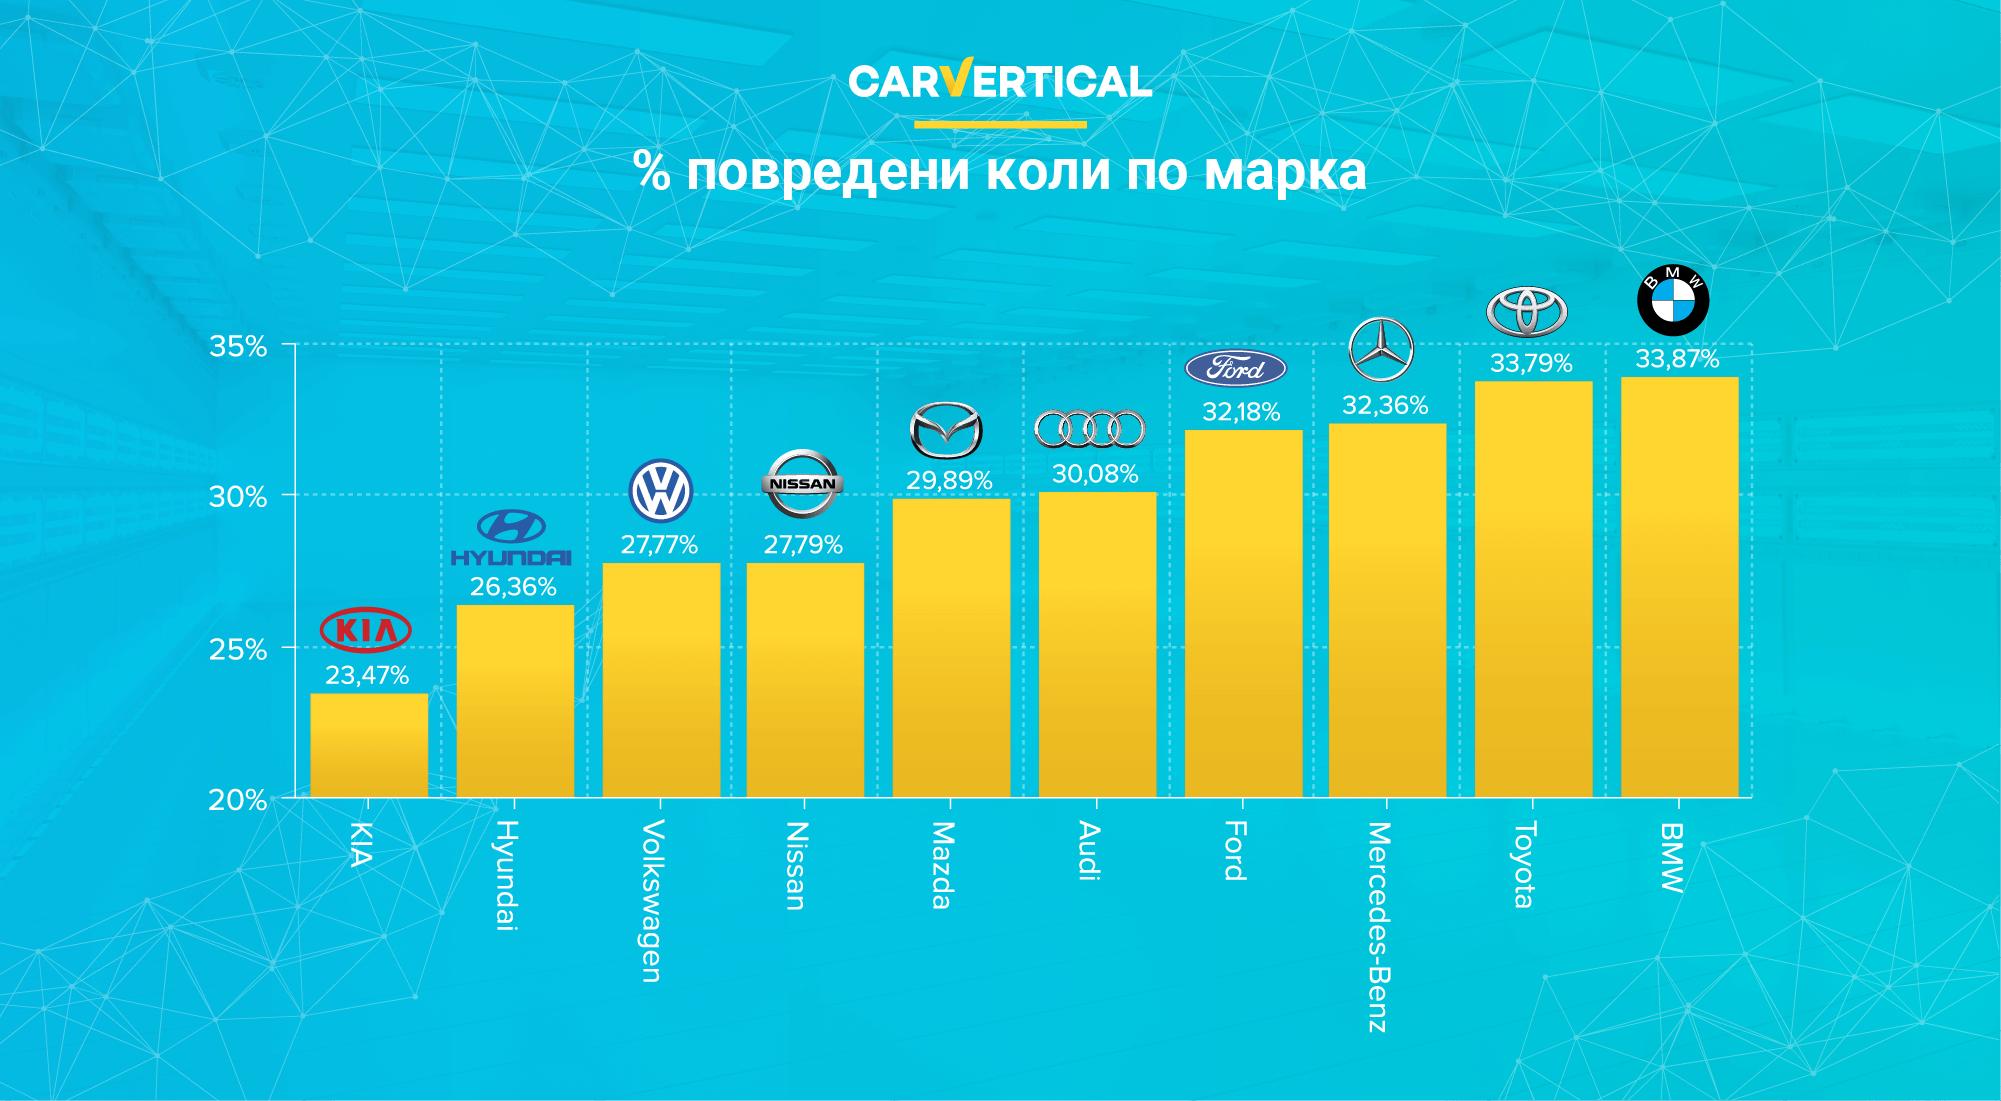 Как оценихме надеждността на автомобилите